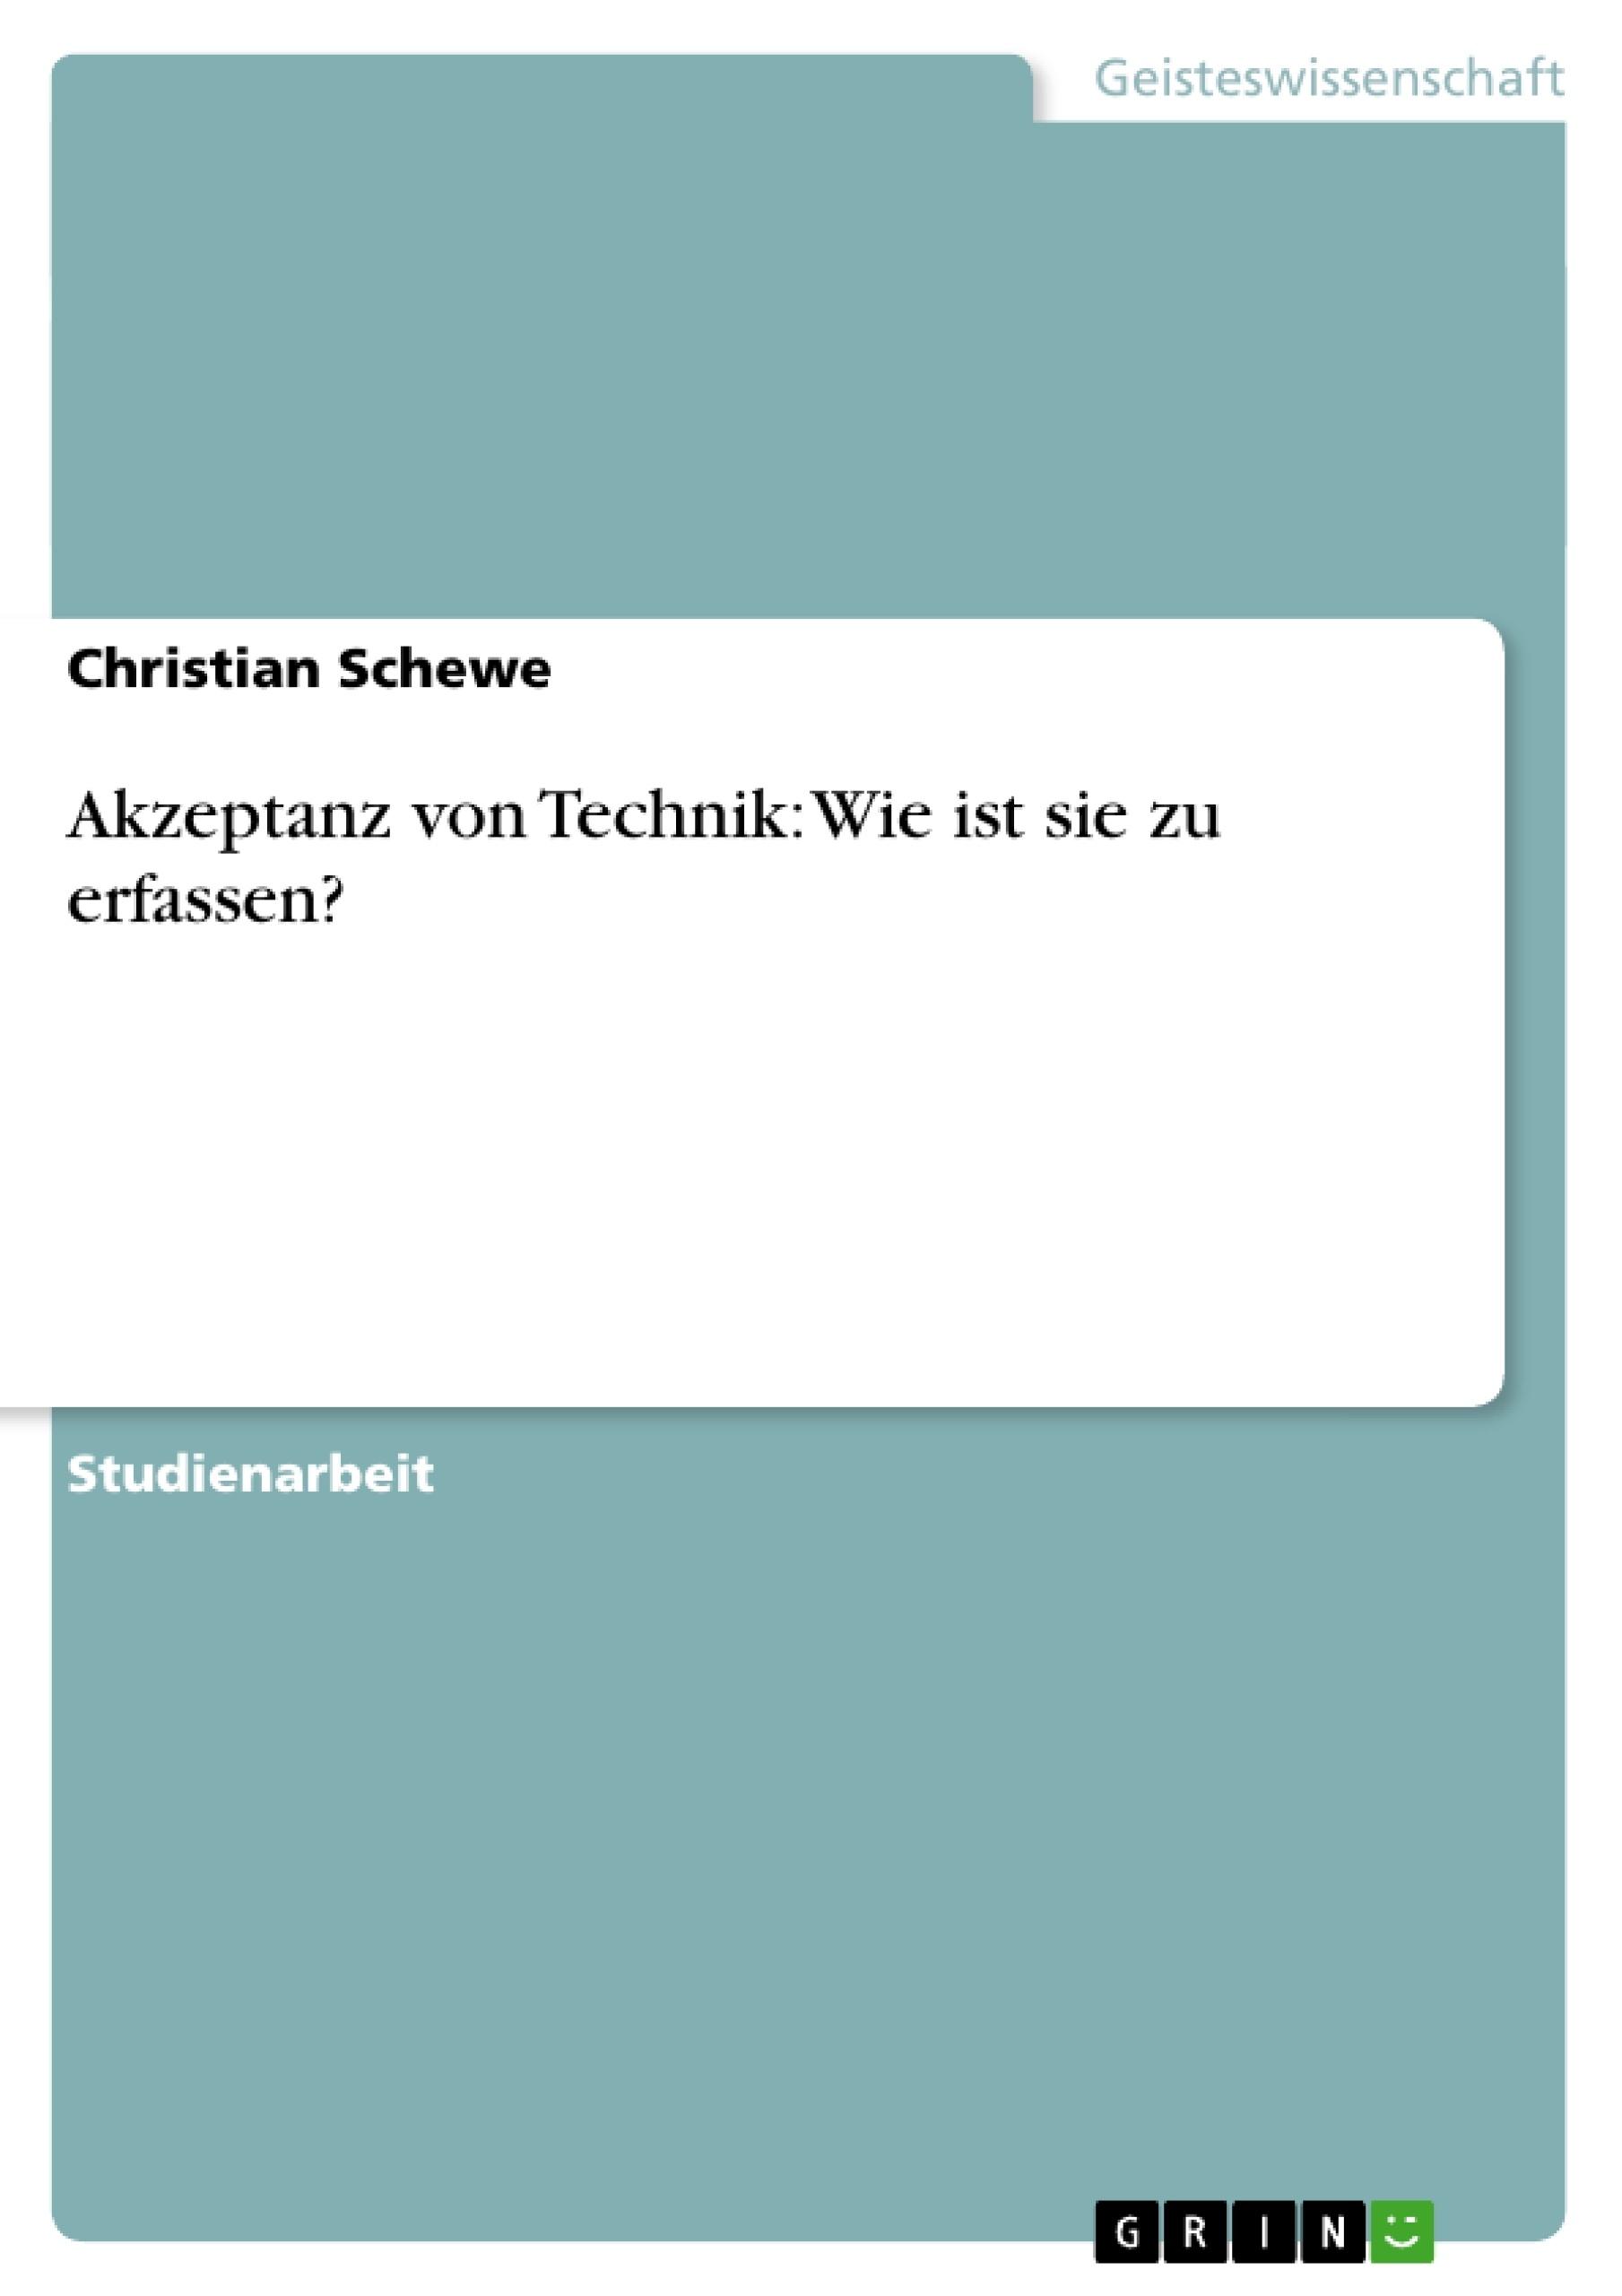 Titel: Akzeptanz von Technik: Wie ist sie zu erfassen?